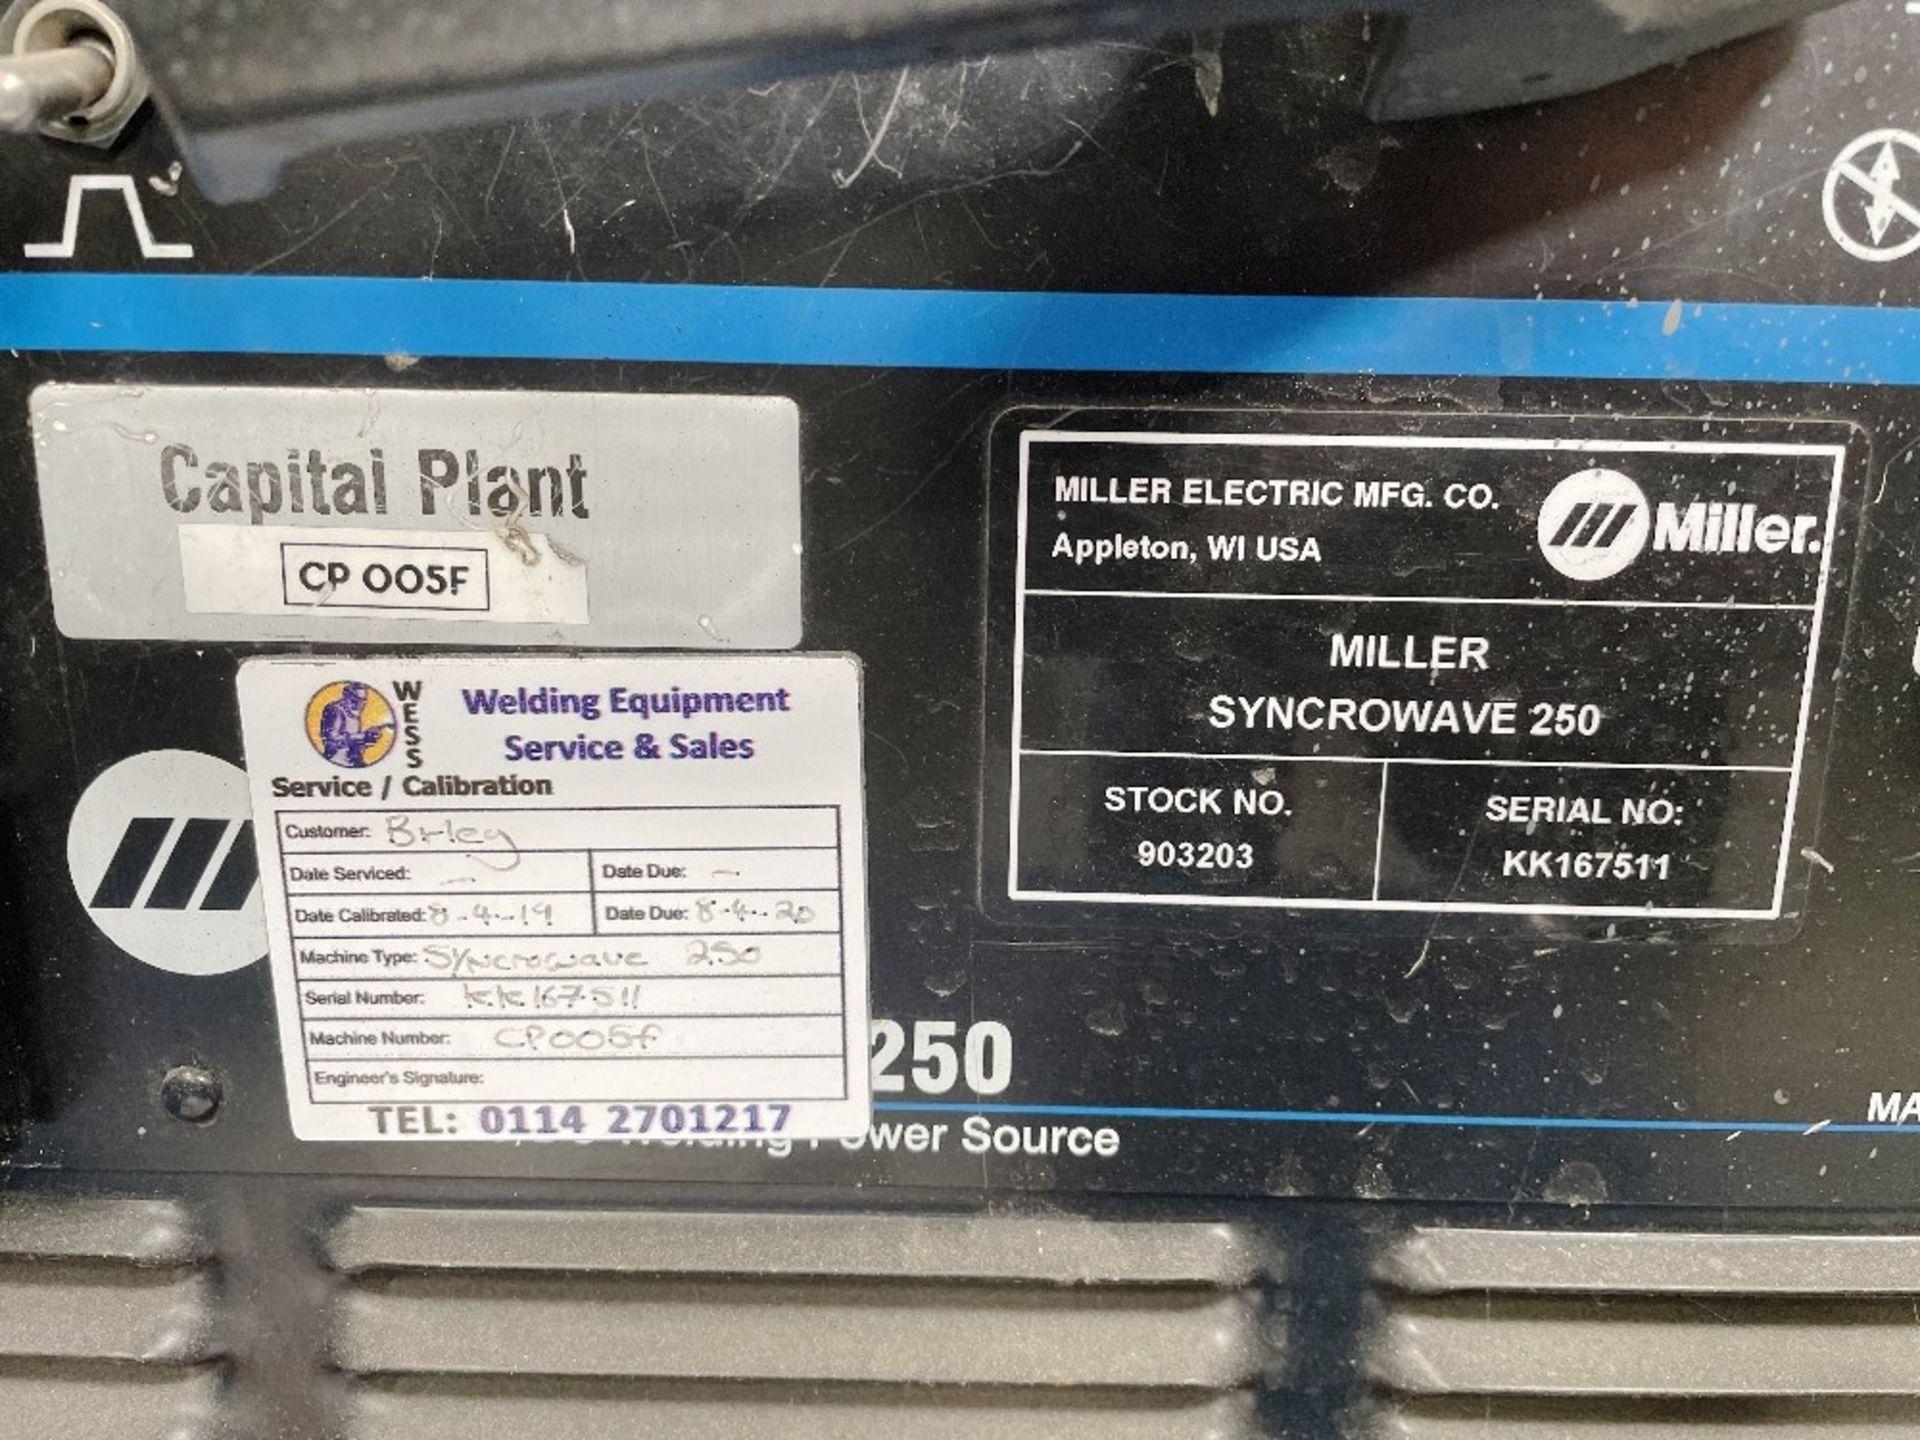 Miller Syncrowave 250 Tig Welder w/ Miller Water Cooler - Image 2 of 4